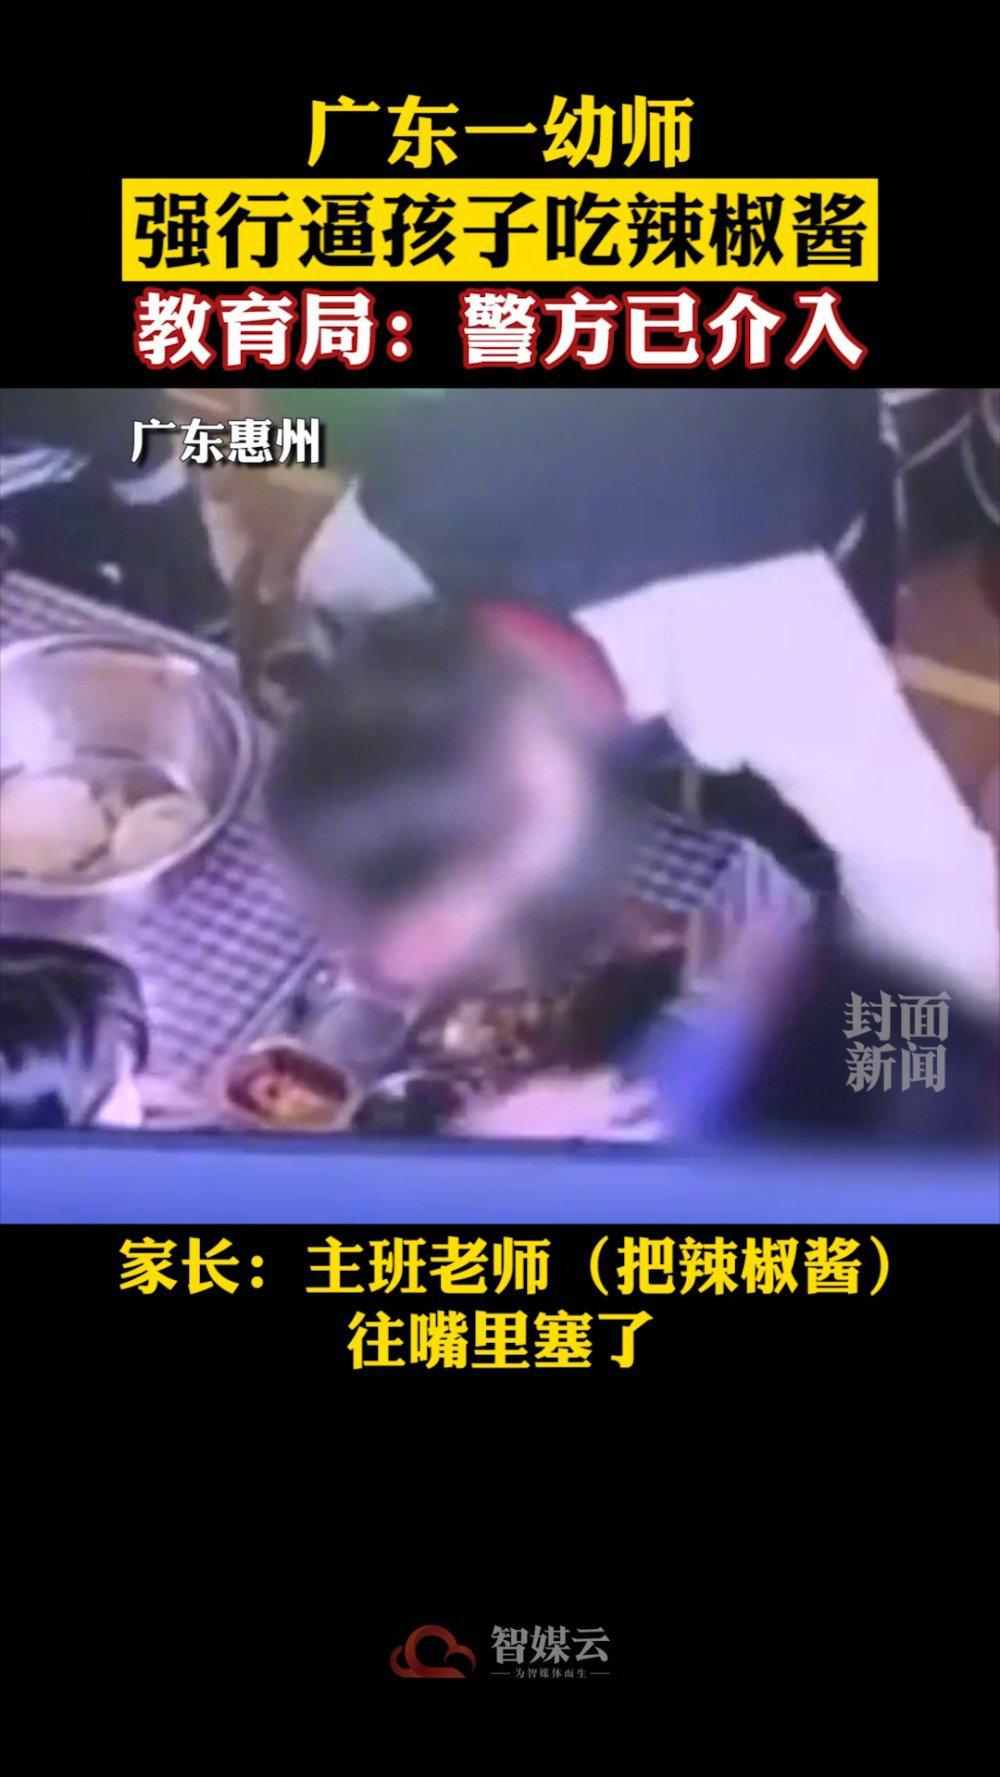 幼儿园老师强迫孩子吃辣椒酱